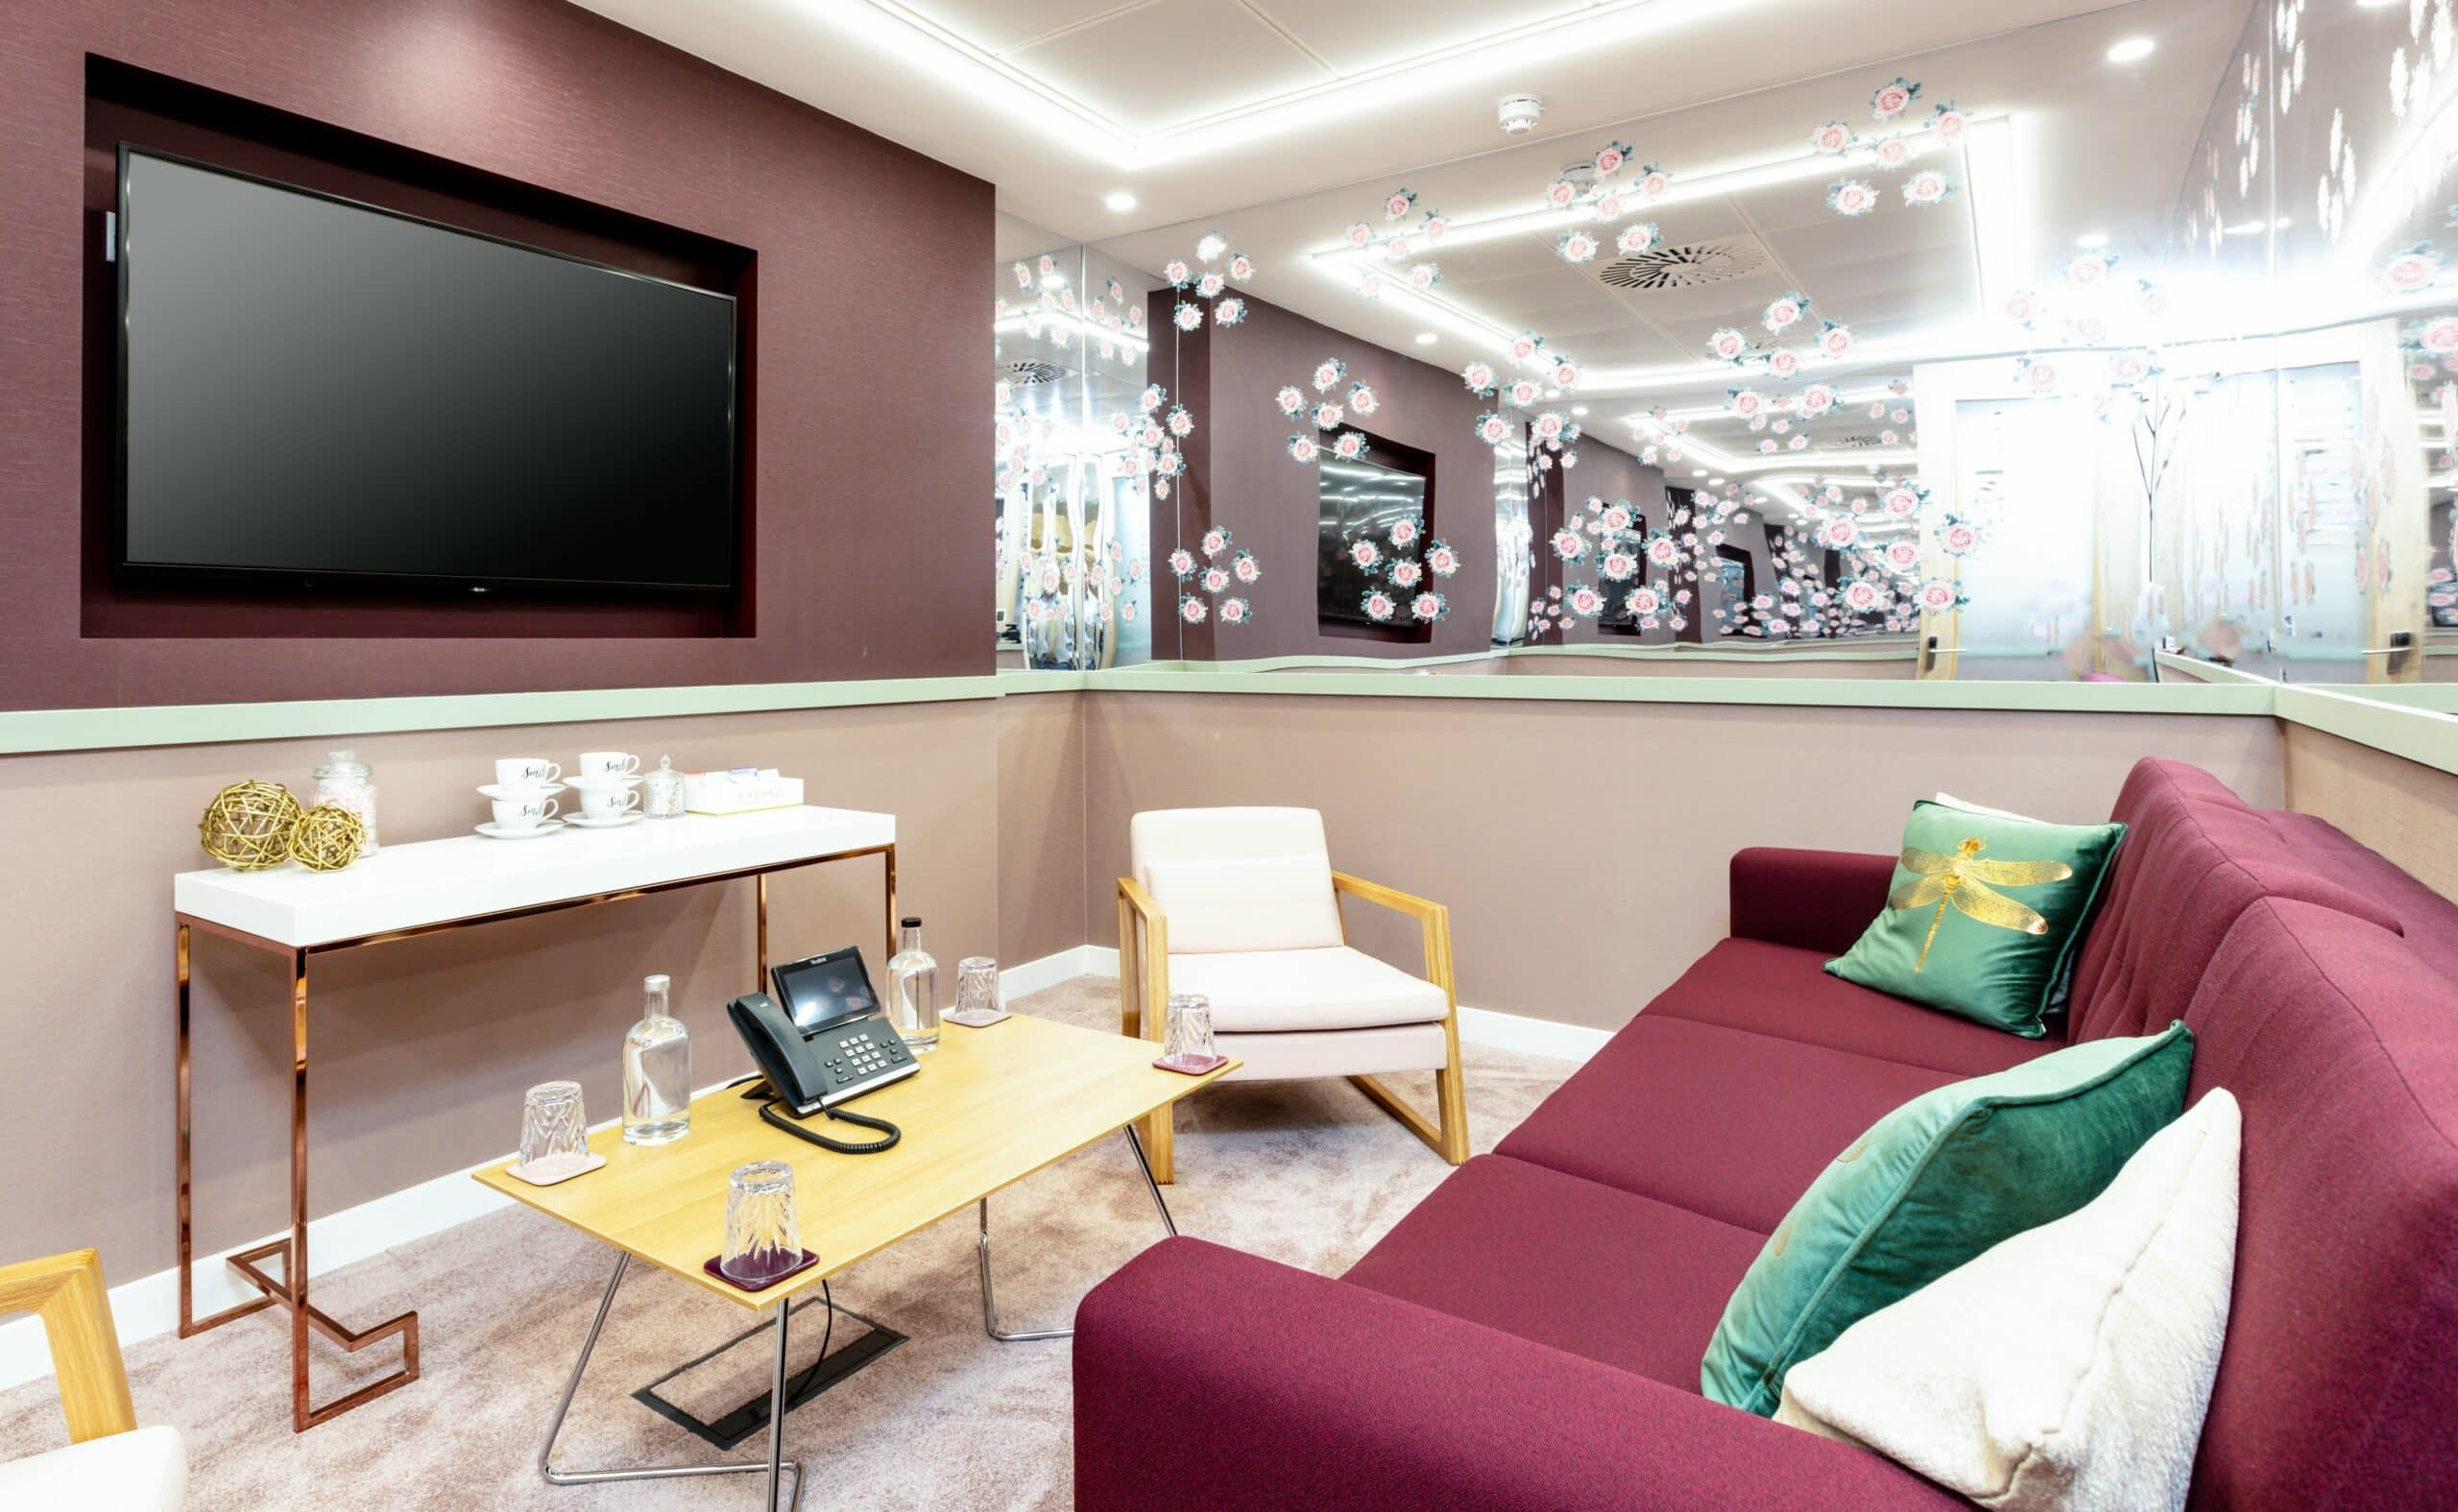 OSIT - Meeting Room